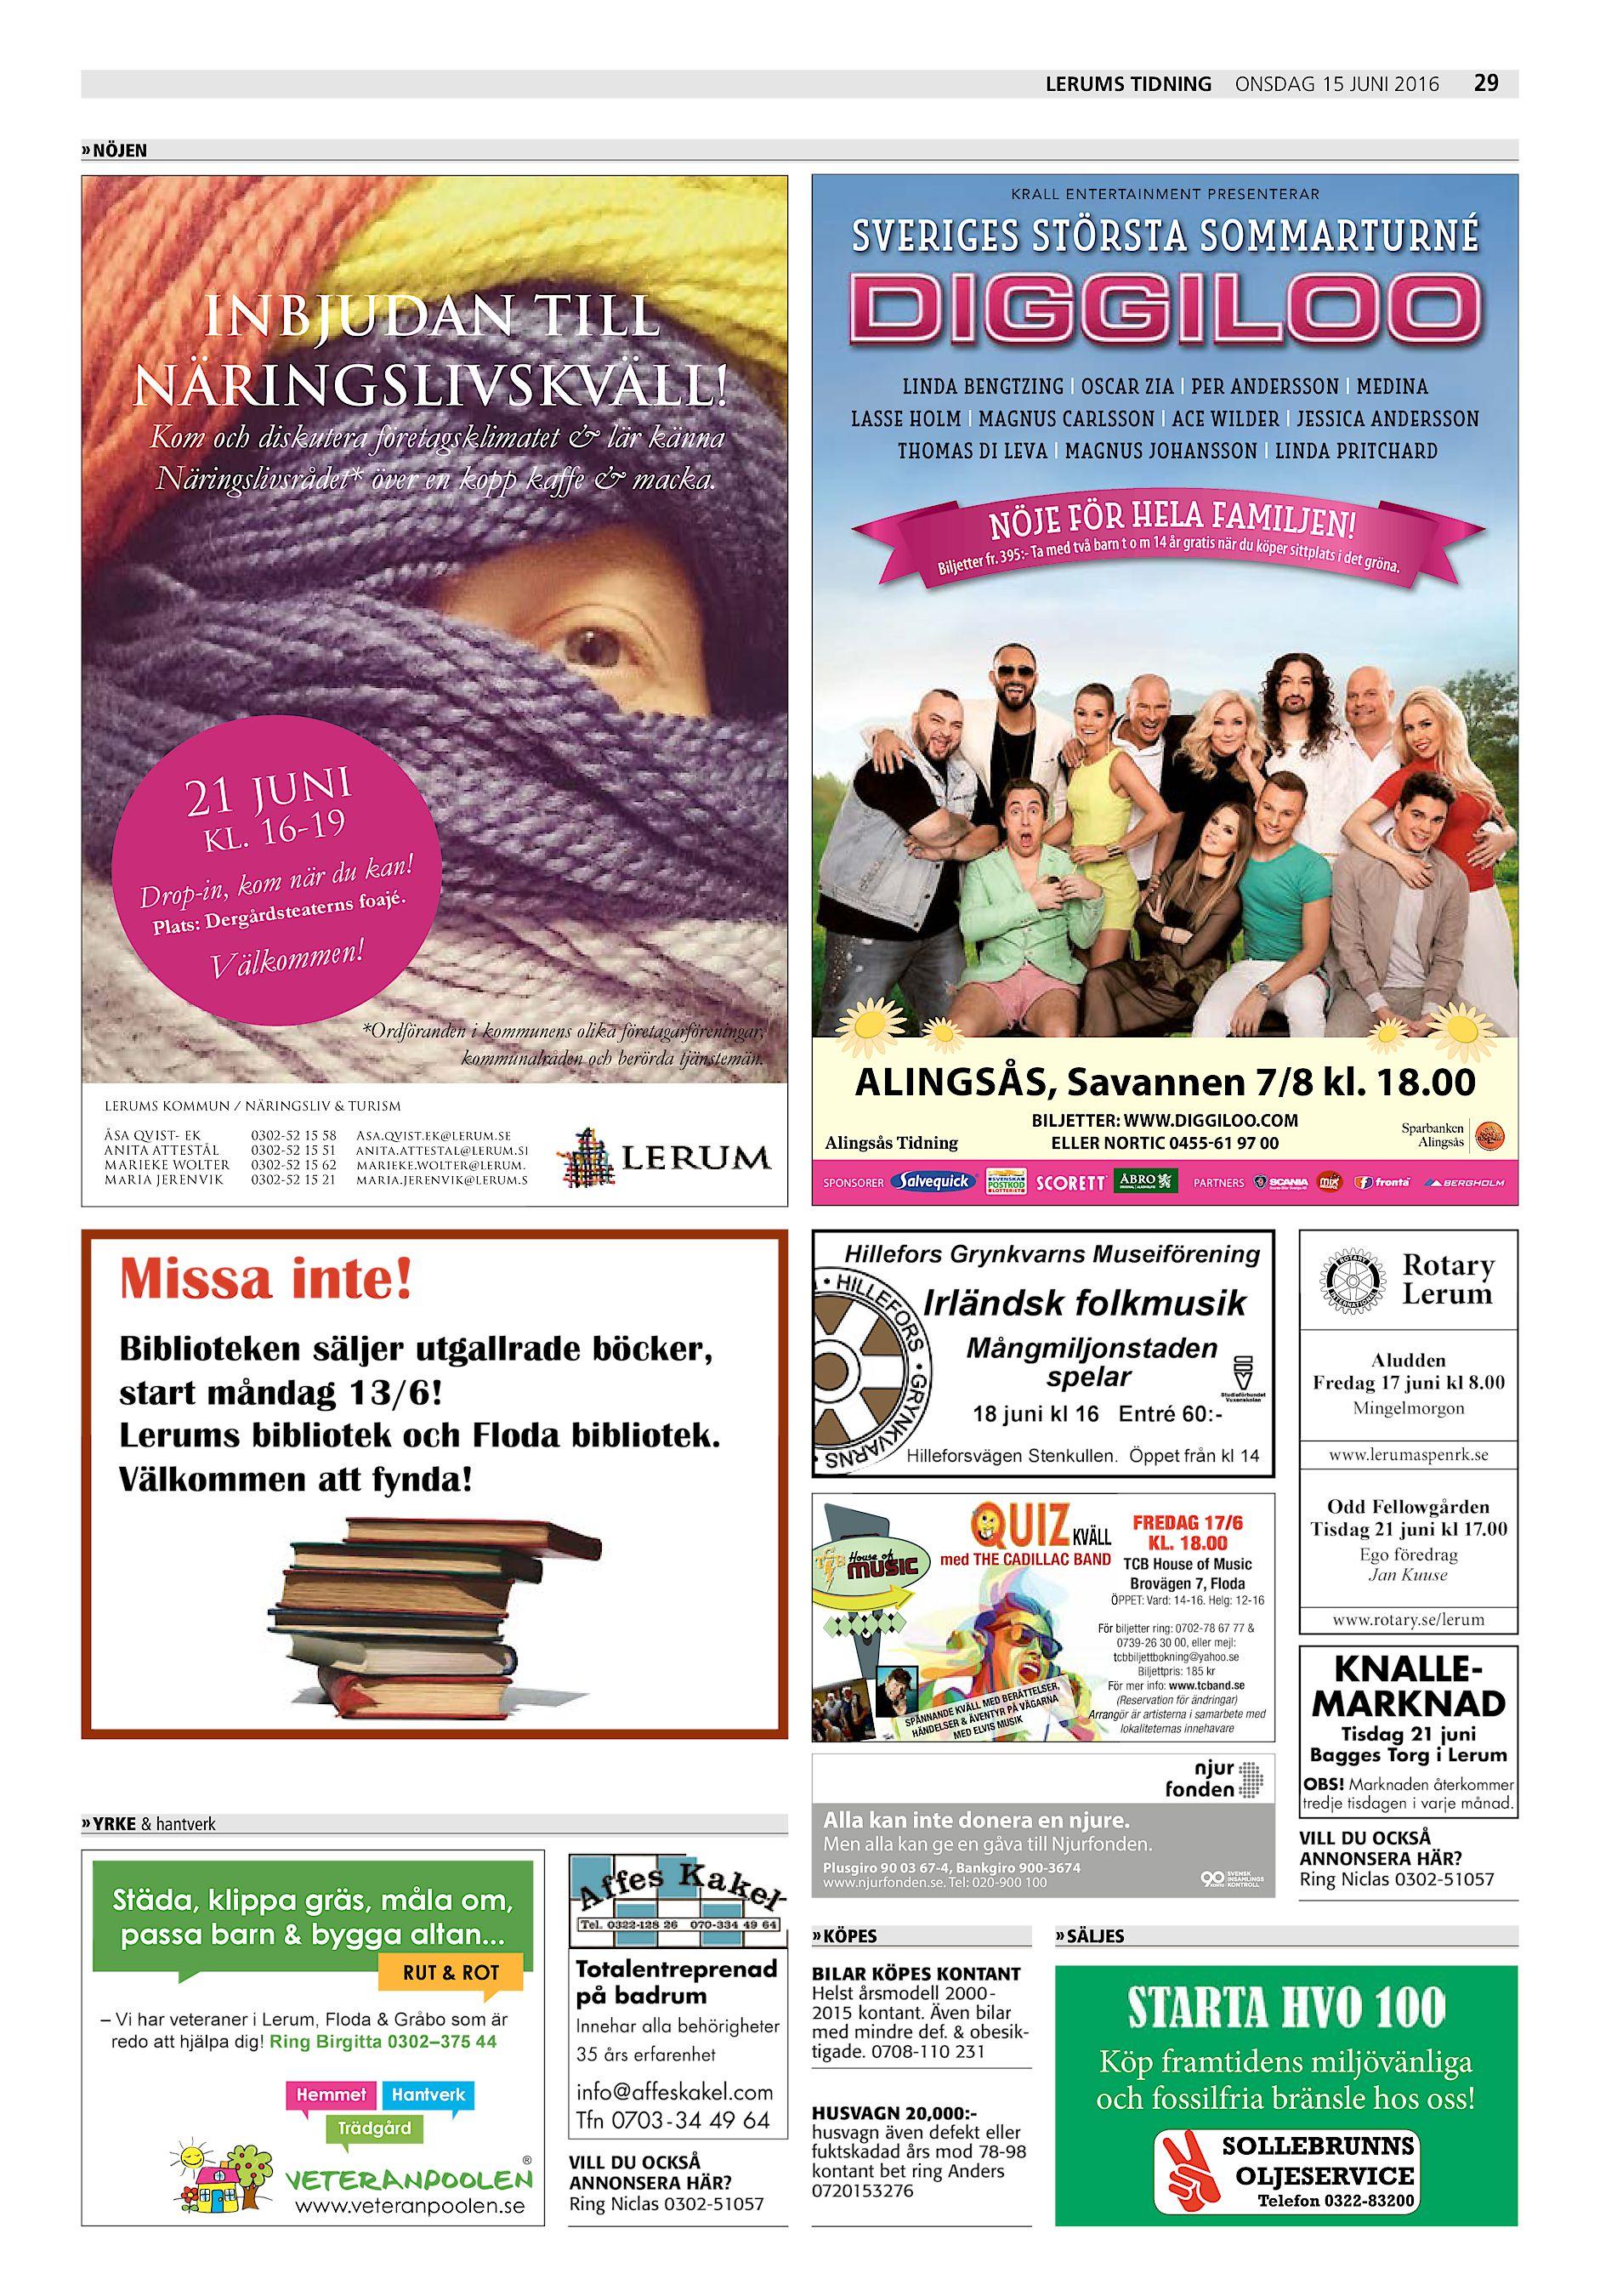 Lerums Tidning onsdag 15 juni 2016 29 » NÖJEN KRAL L E NTE RTA INME NT P RE  SE NTE RA R SVERIGES STÖRSTA SOMMARTURNÉ INBJUDAN TILL NÄRINGSLIVSKVÄLL! 74a83aa9df431